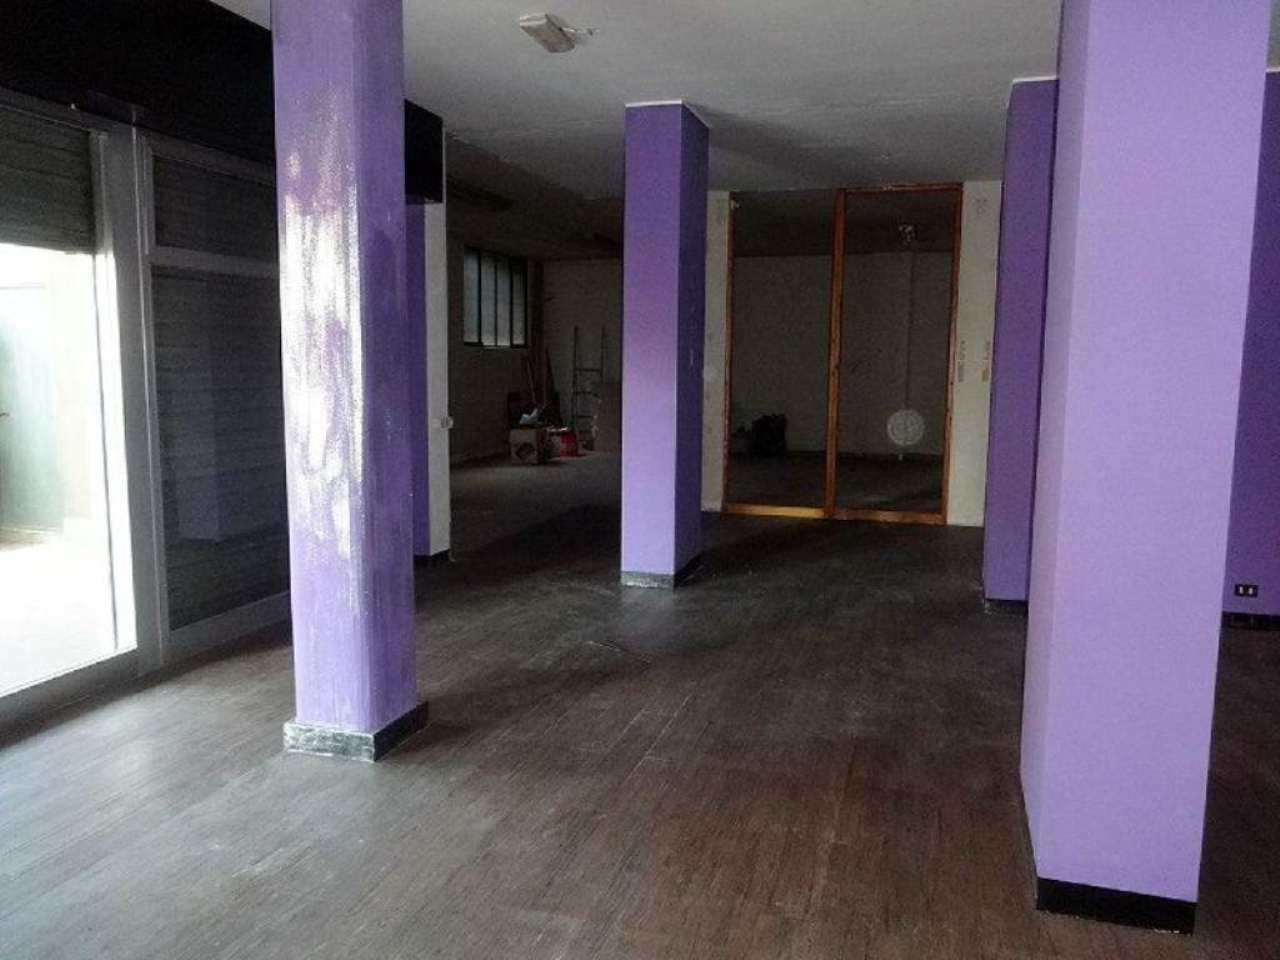 Negozio / Locale in vendita a Solbiate Arno, 4 locali, prezzo € 100.000   Cambio Casa.it